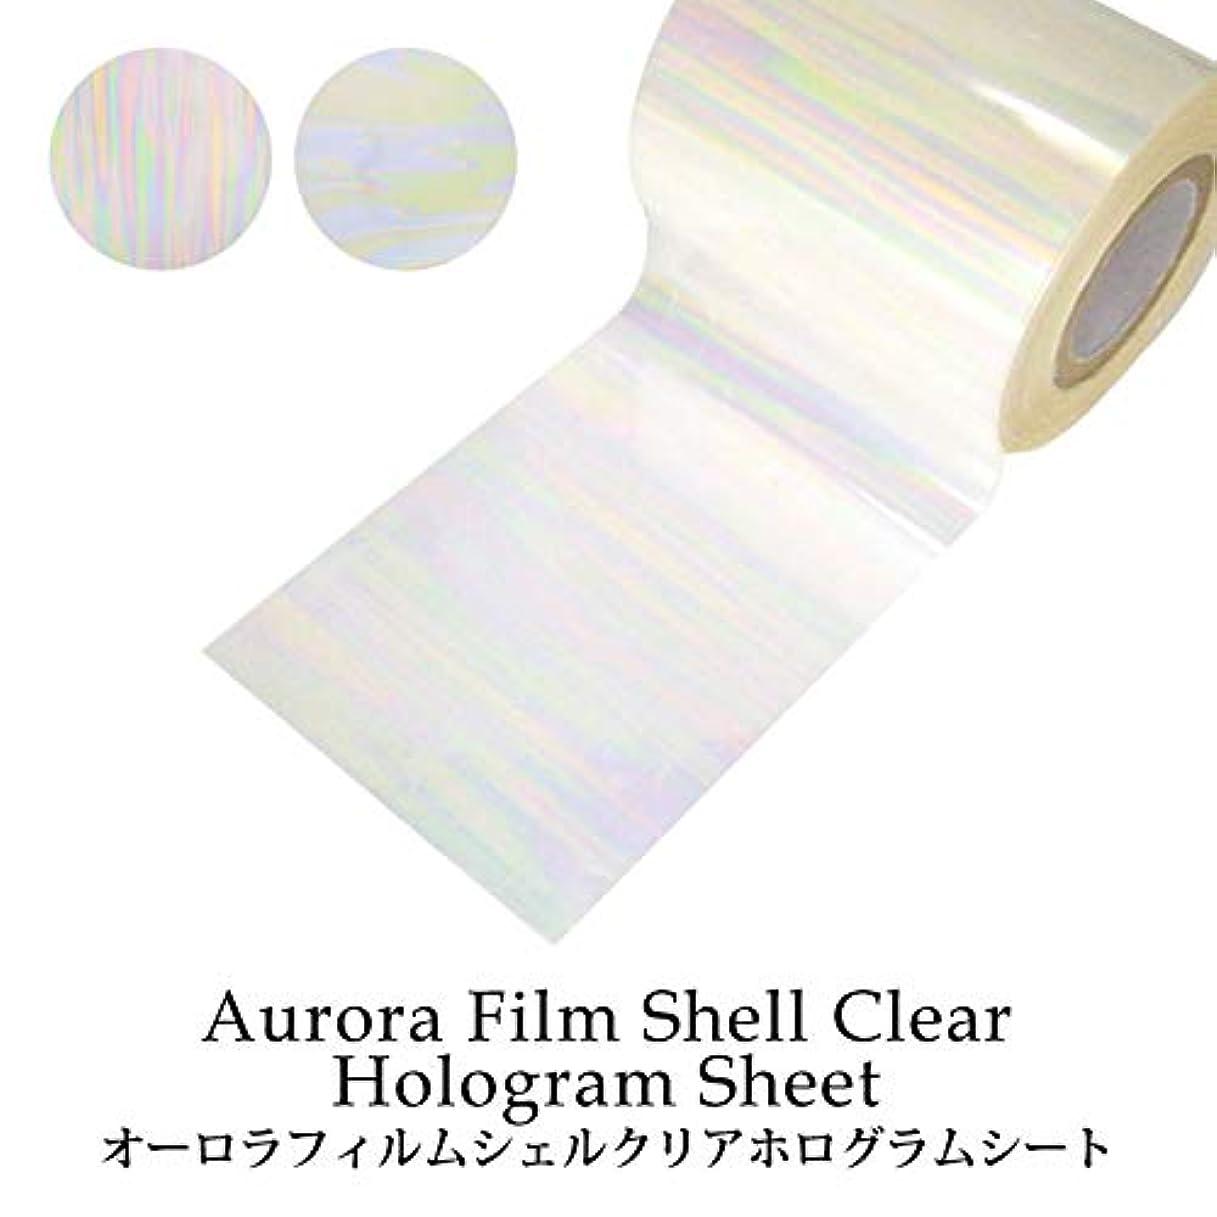 ディレクター知覚できる小間オーロラフィルム シェルクリア ホログラムシート(1-2) 1枚入り (2.シェルクリア(横))